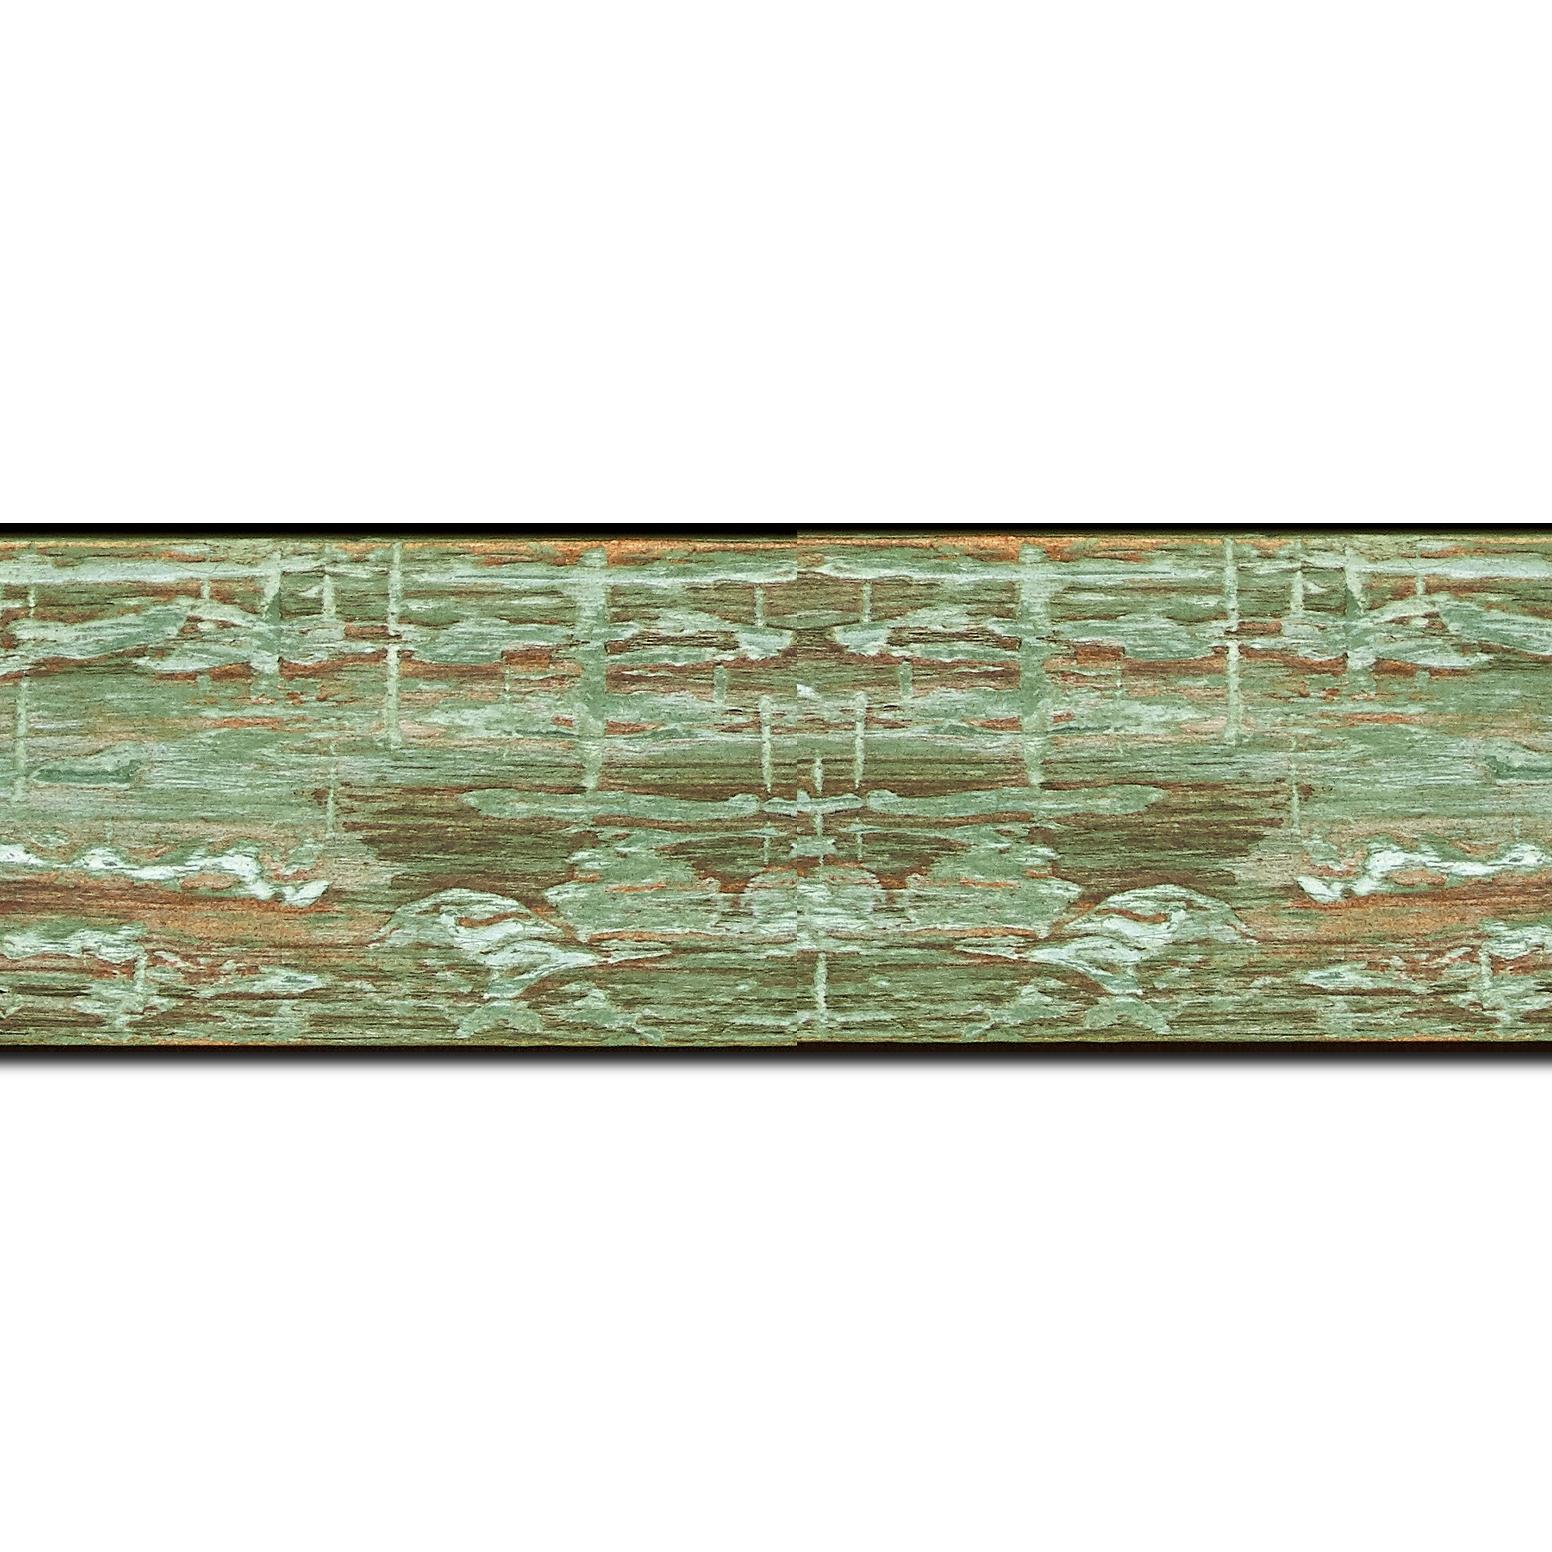 Baguette longueur 1.40m bois profil plat largeur 5cm couleur vert finition bois brut aspect palette